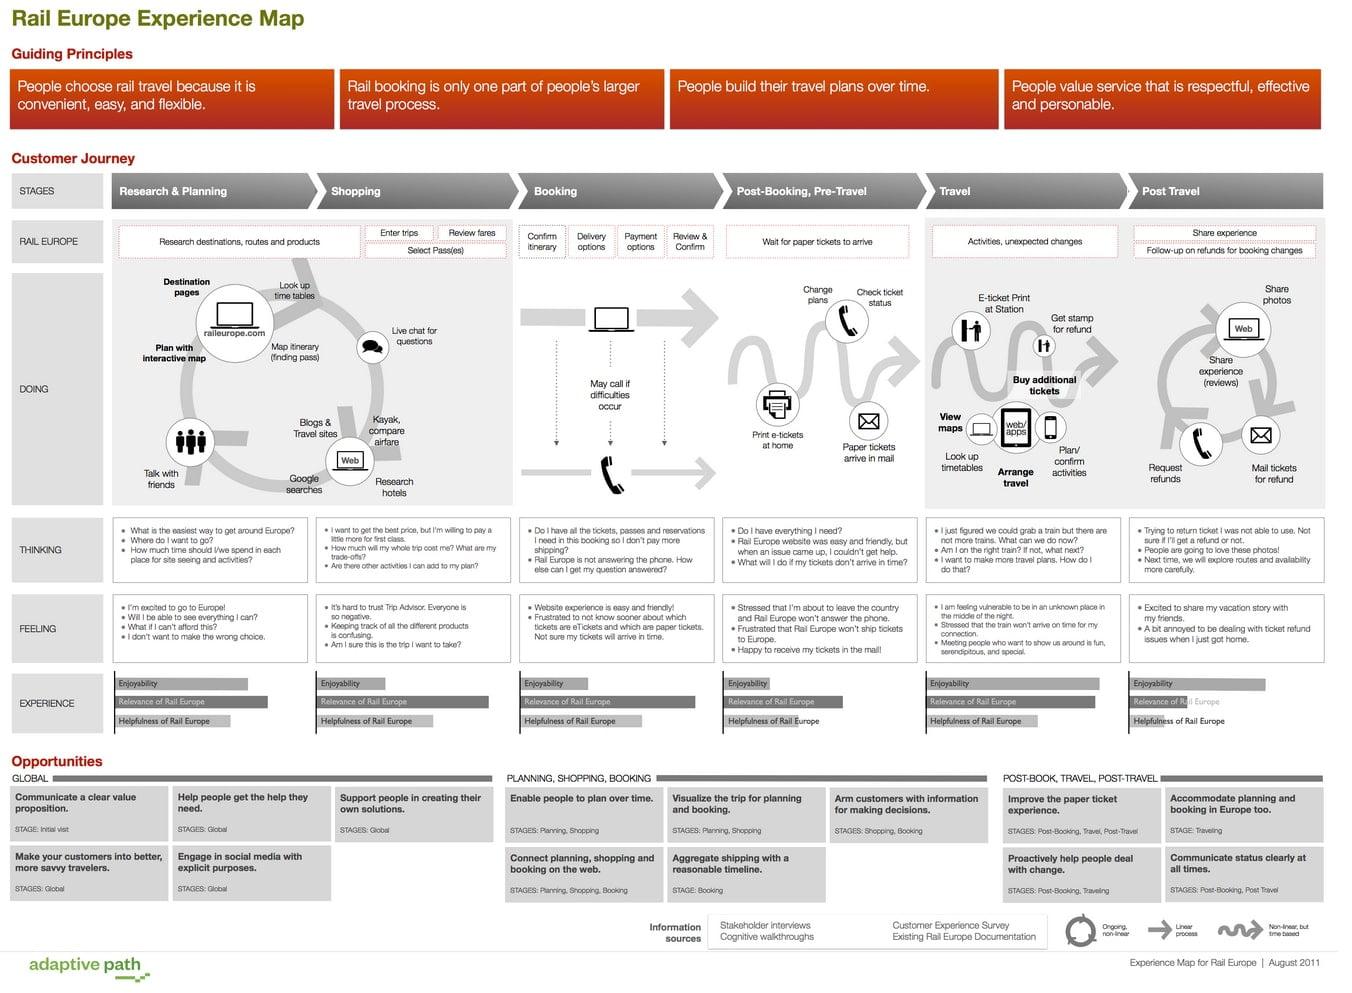 raileuropemap - پنج راه شخصی سازی سفر مشتری برای بهبود ارتباط